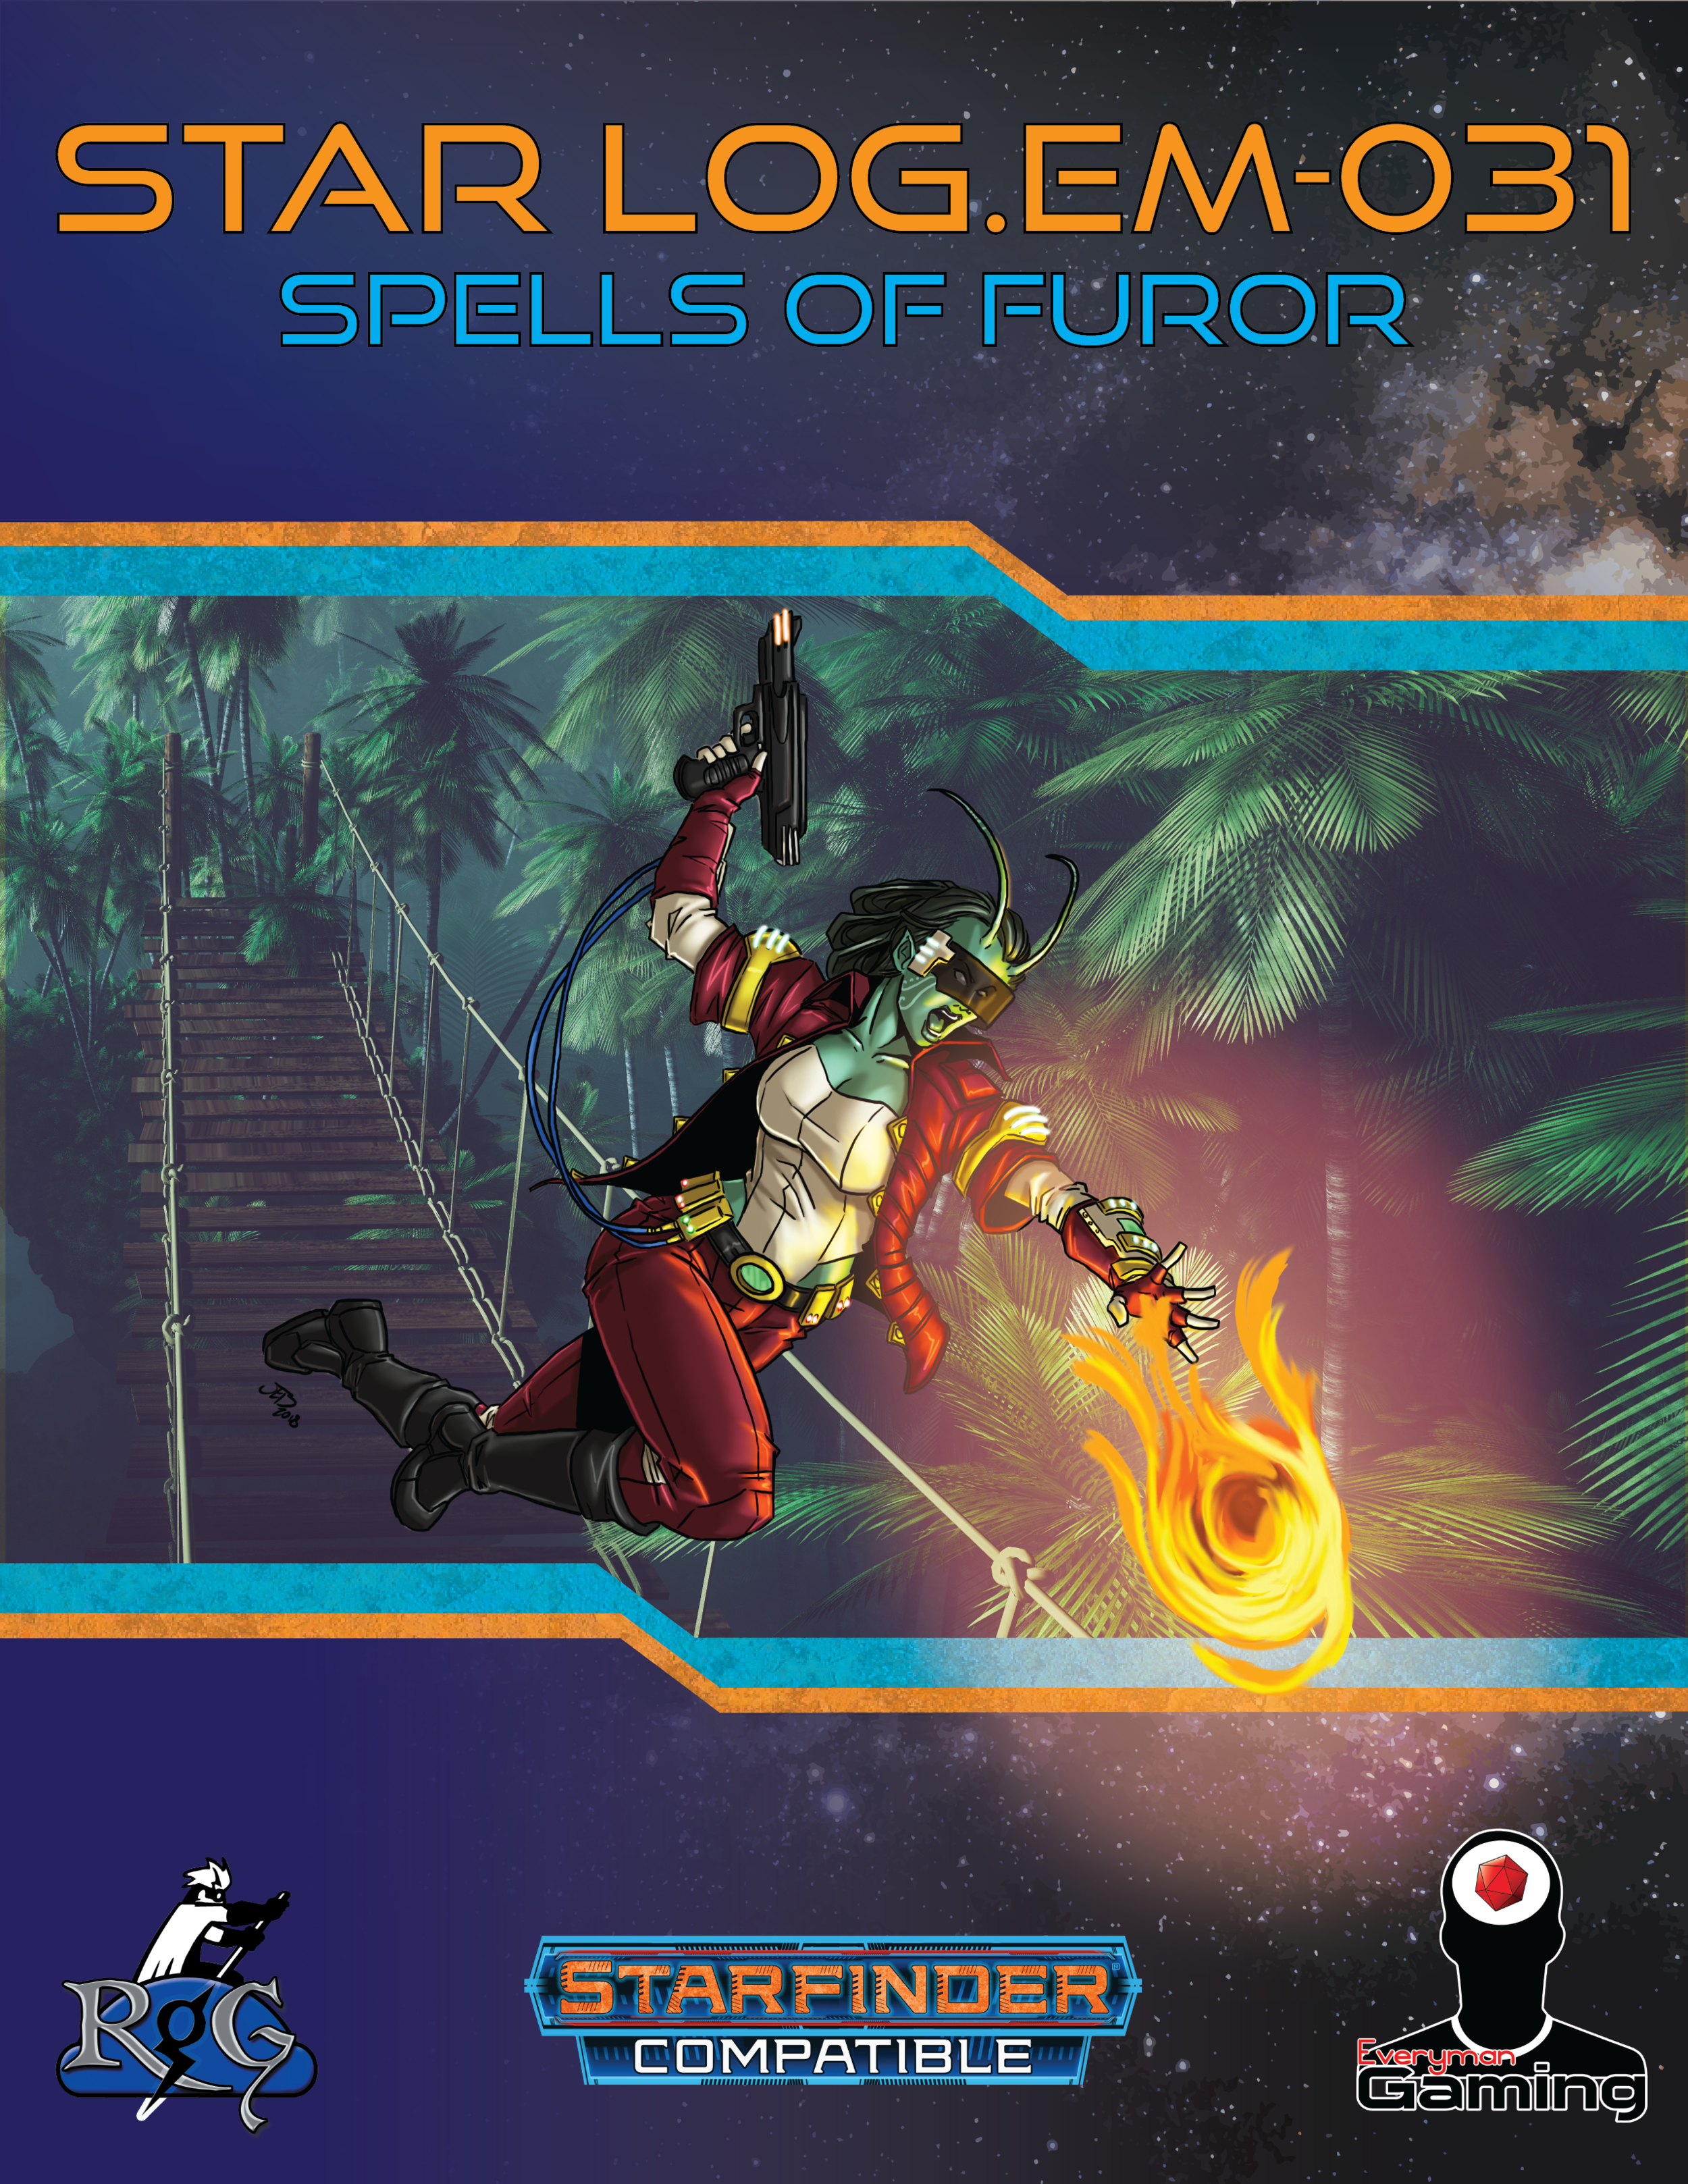 SF031_Spells of Furor.png